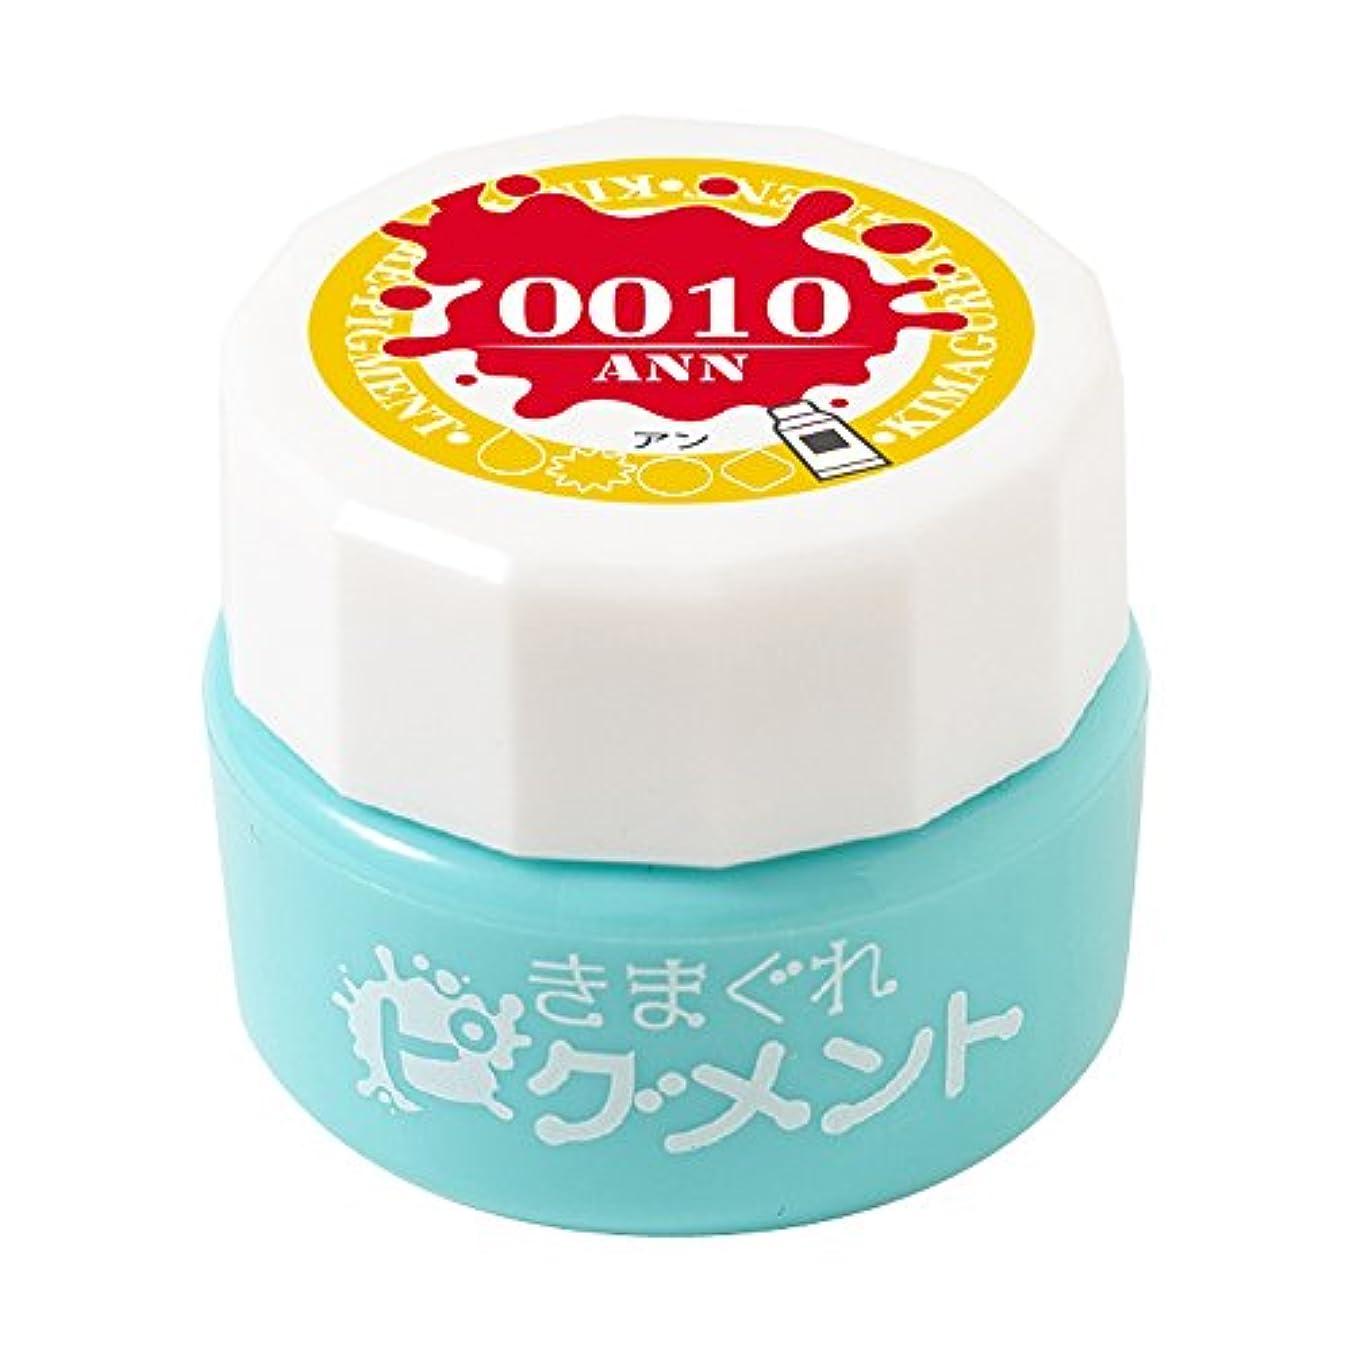 キャンペーン名前を作る誠実さBettygel きまぐれピグメント アン QYJ-0010 4g UV/LED対応